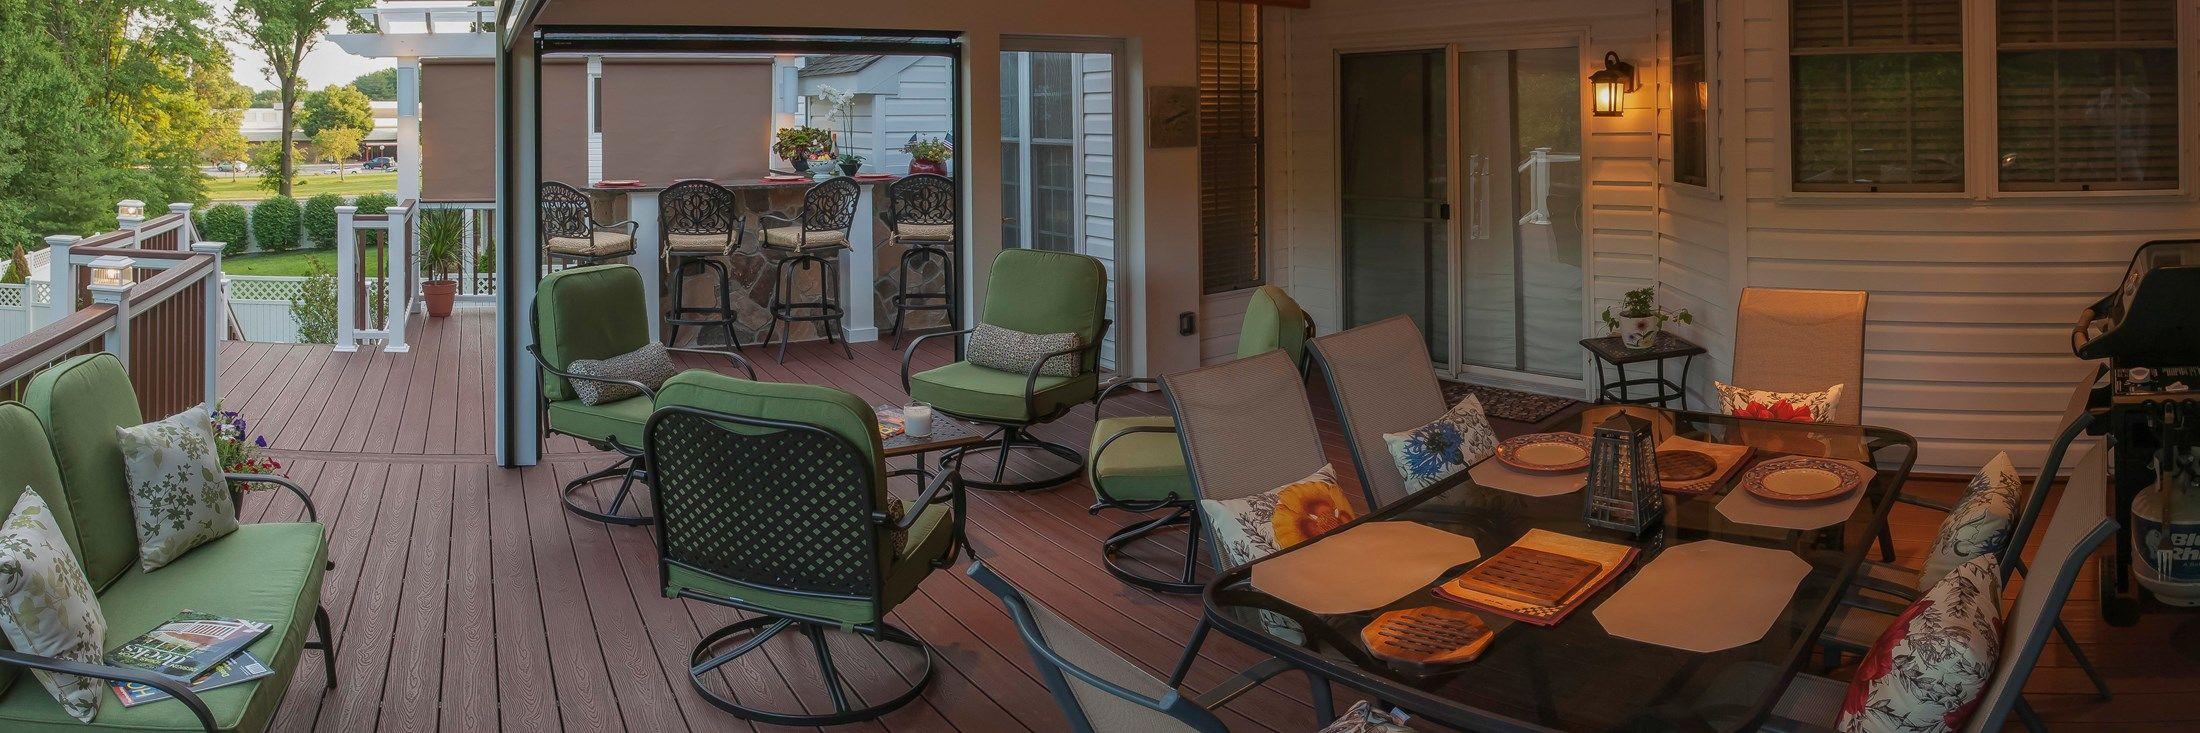 Ellicot City porch - Picture 1363